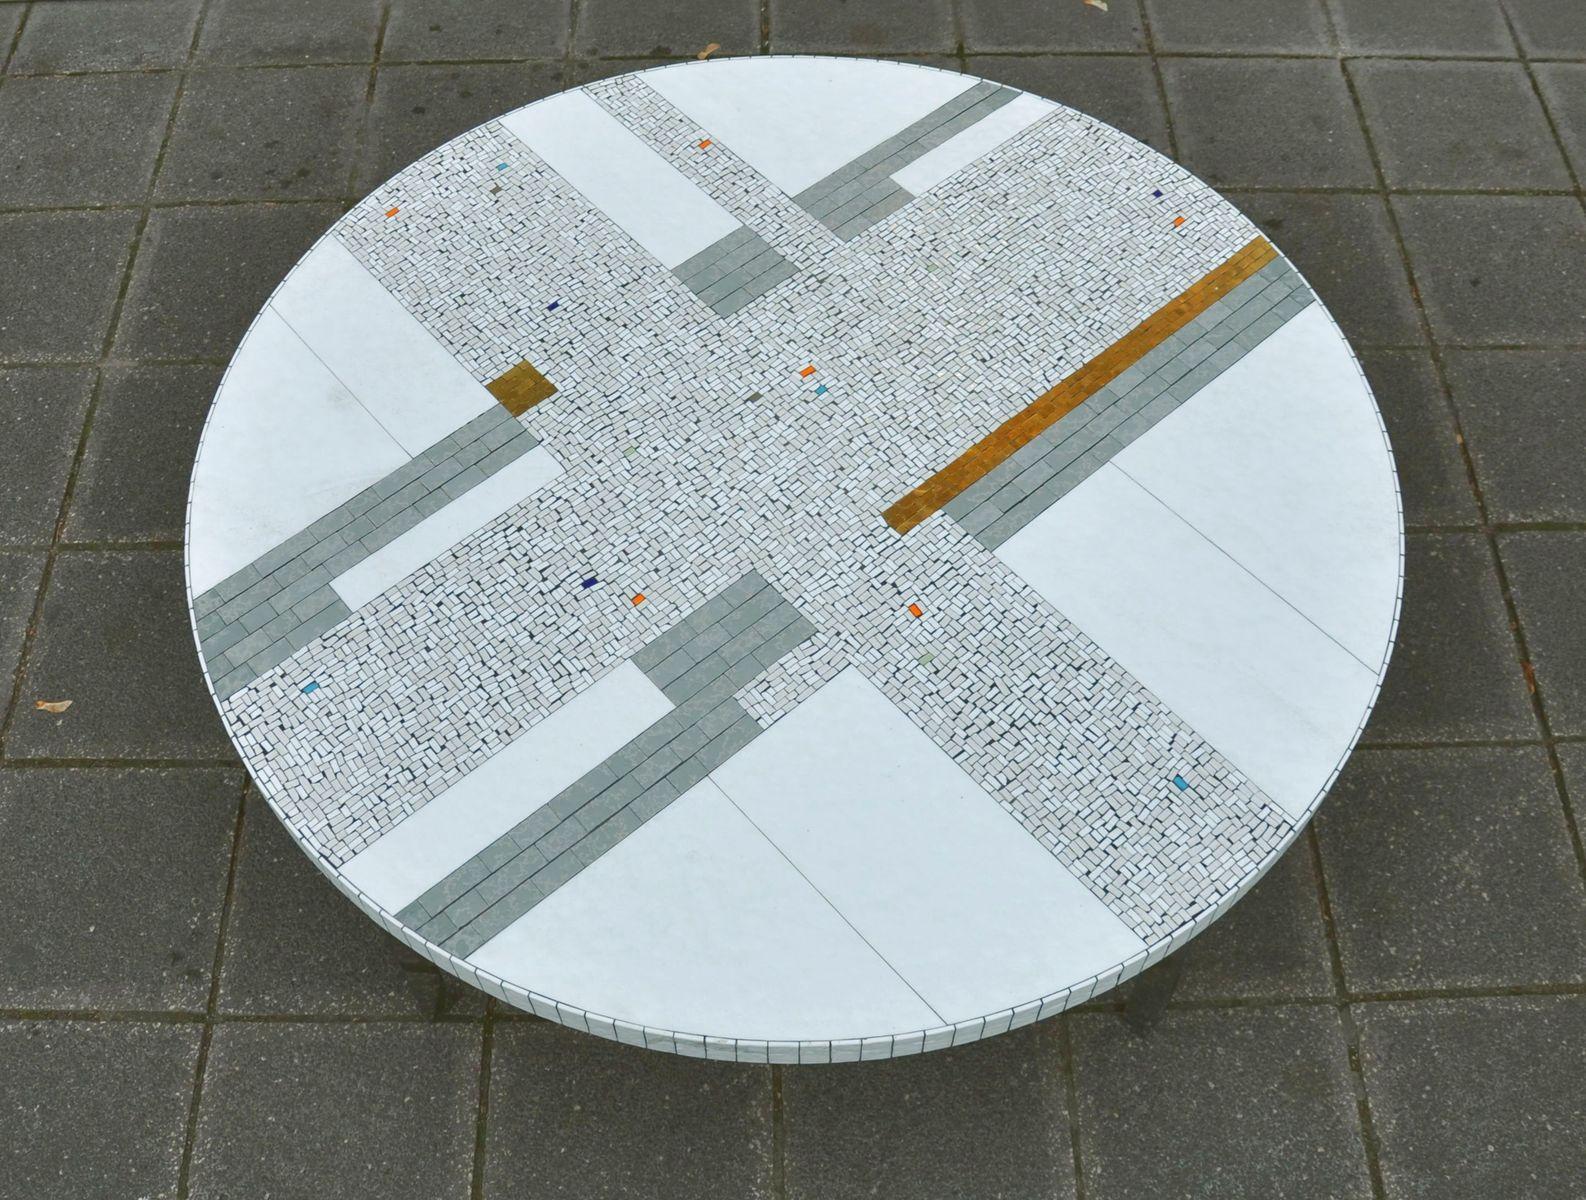 Couchtisch mit Mosaik von Heinz Lilienthal, 1960er